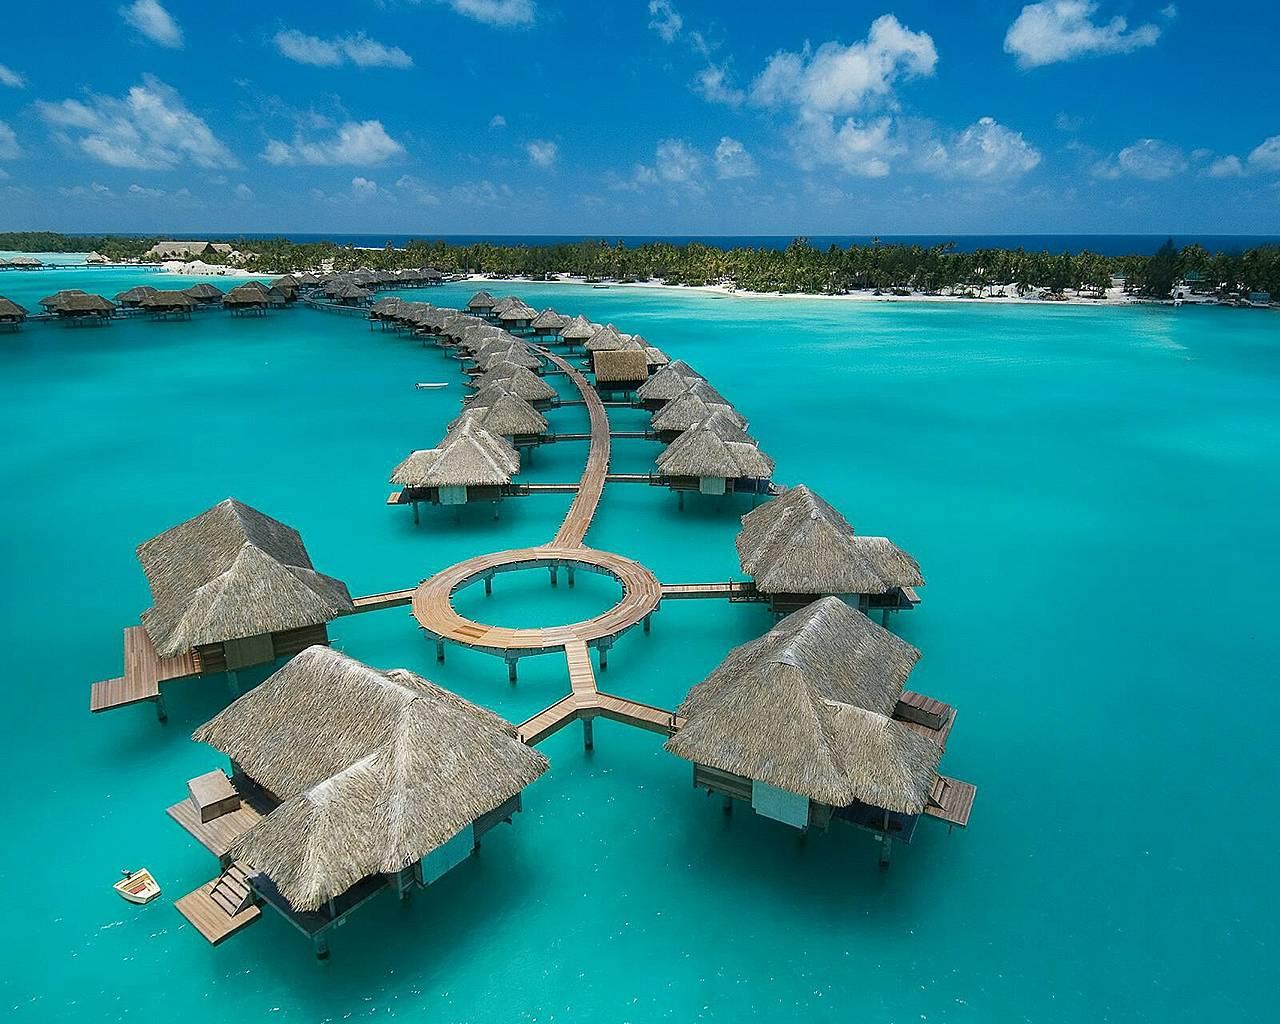 Four-Seasons-Resort-Bora-Bora-11